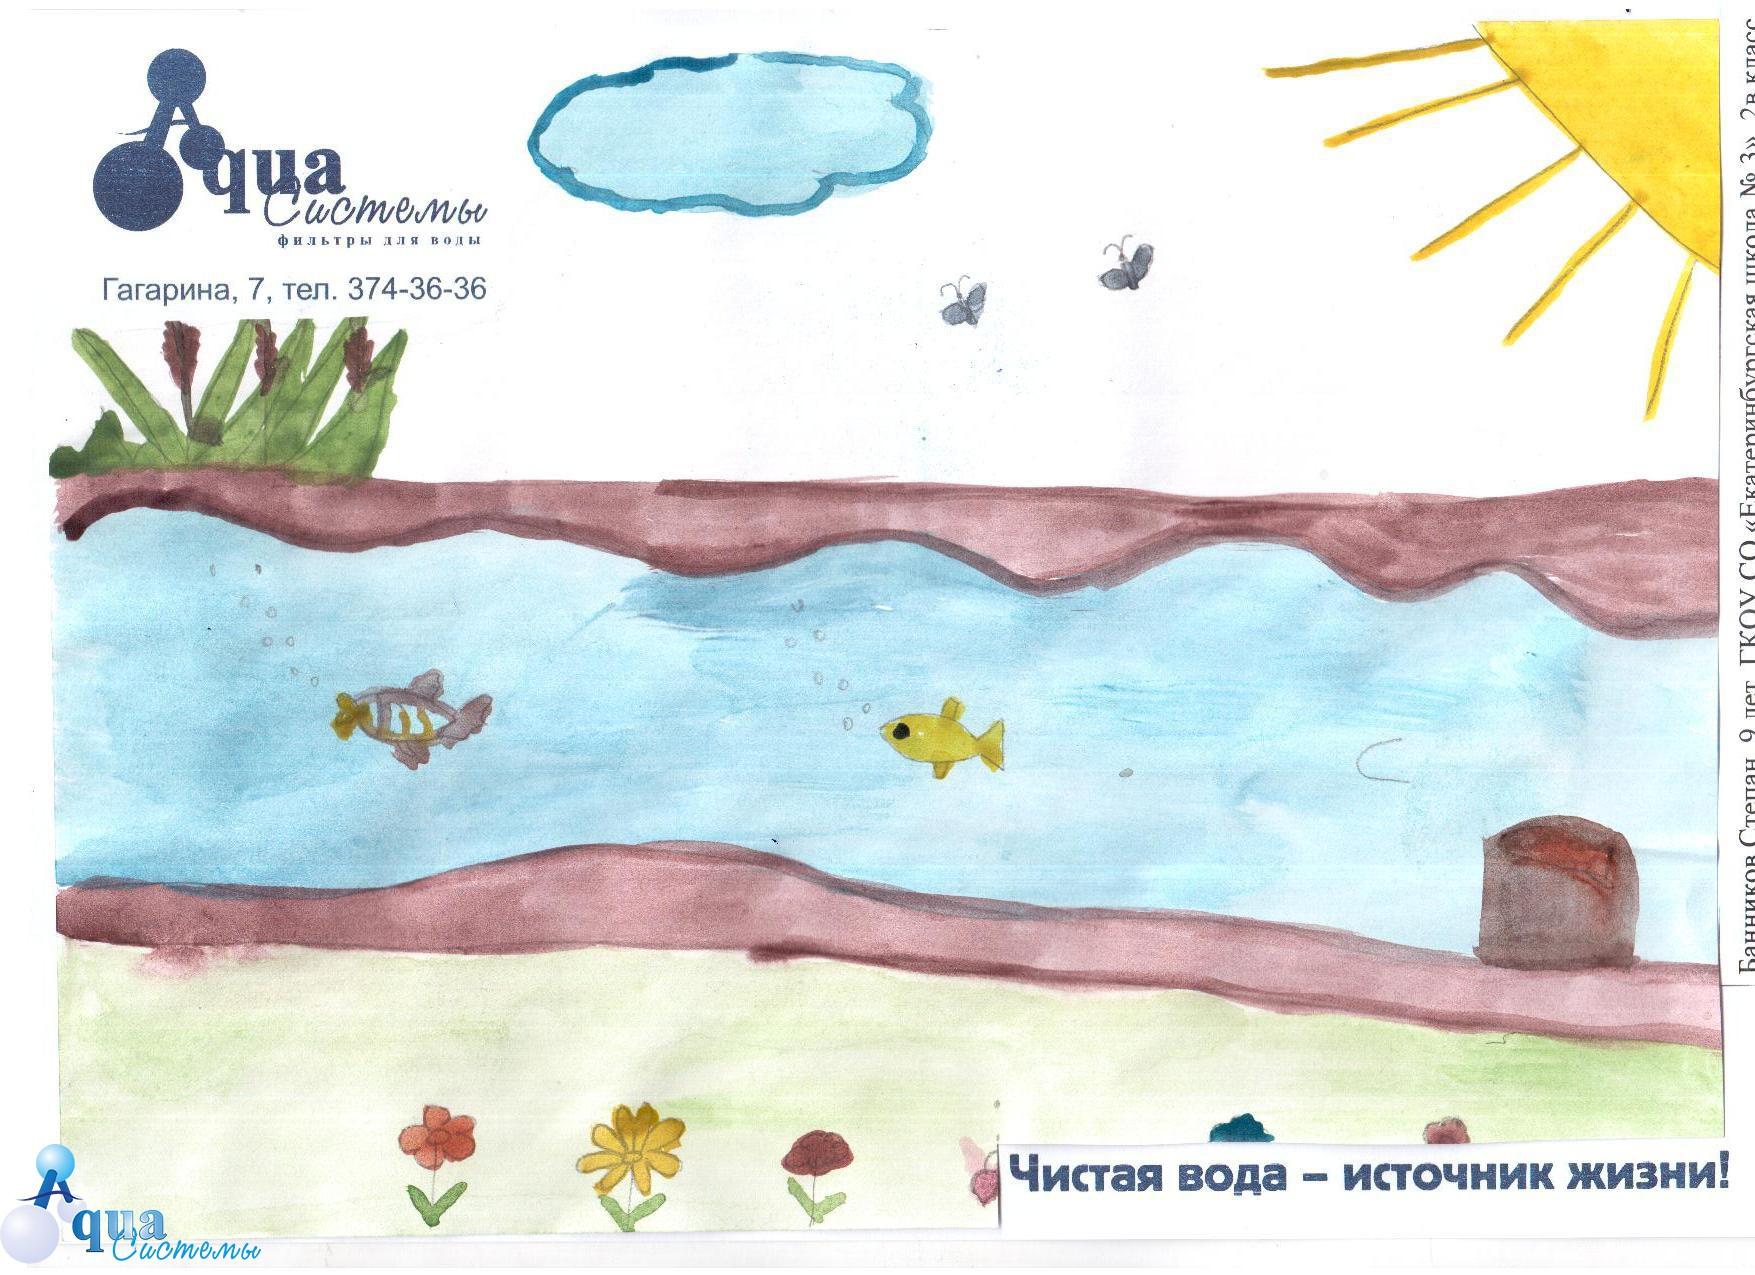 Конкурс чистая вода 2017пермь